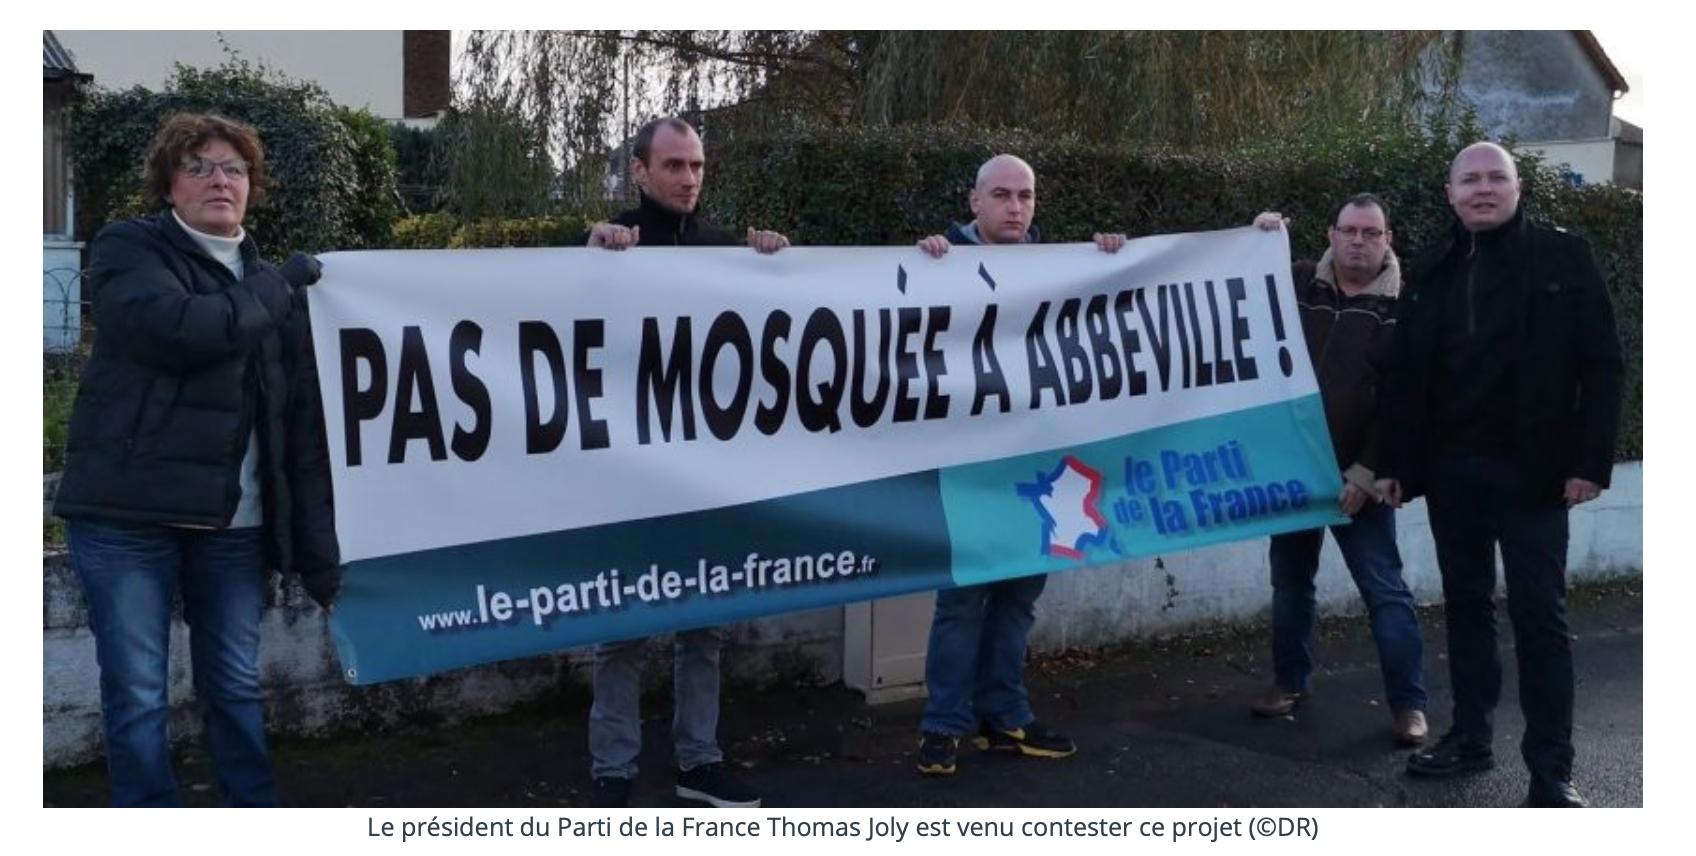 Pour Nicolas Drumont, maire d'Abbeville, une mosquée sans minaret n'est pas une mosquée ! Ben voyons !